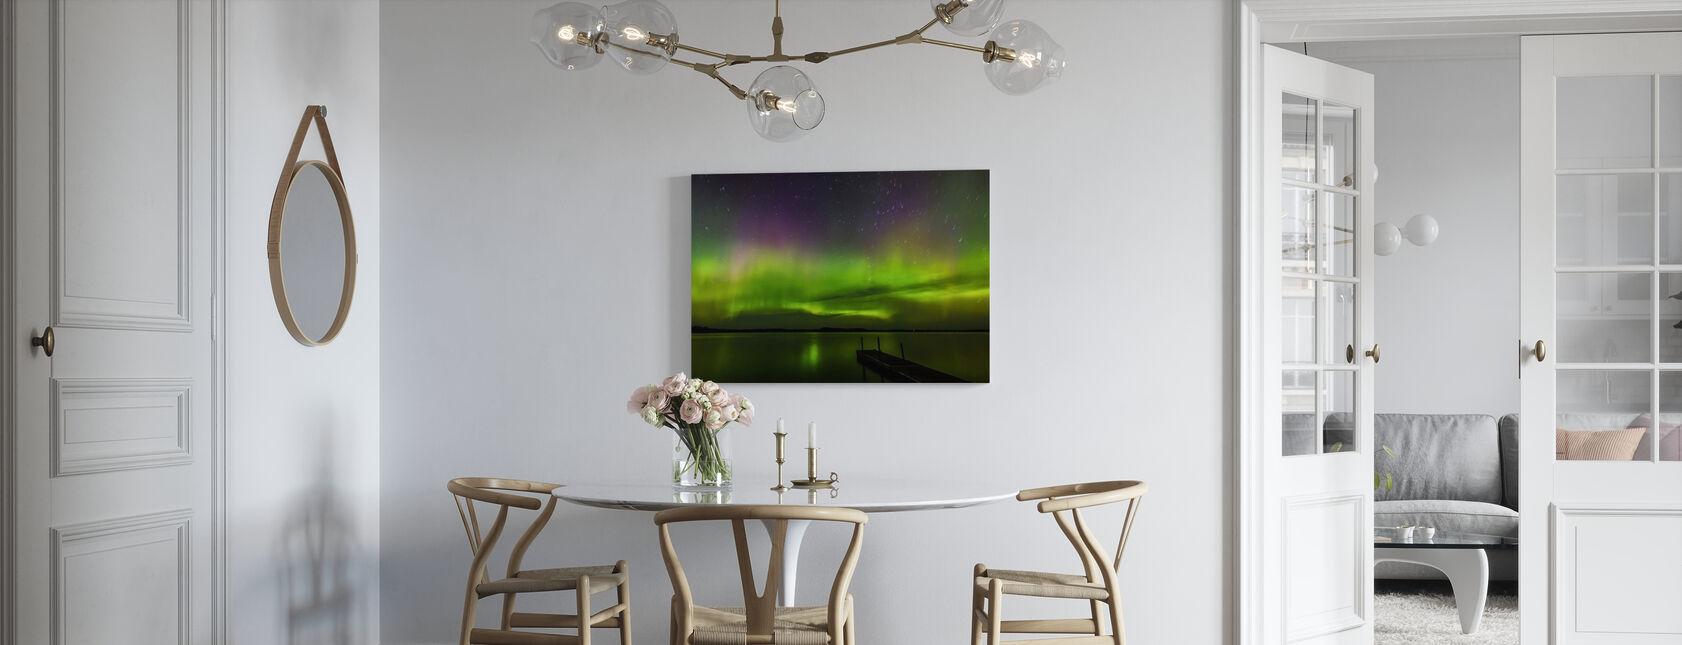 Aurora Borealis over Burntside Lake - Lerretsbilde - Kjøkken